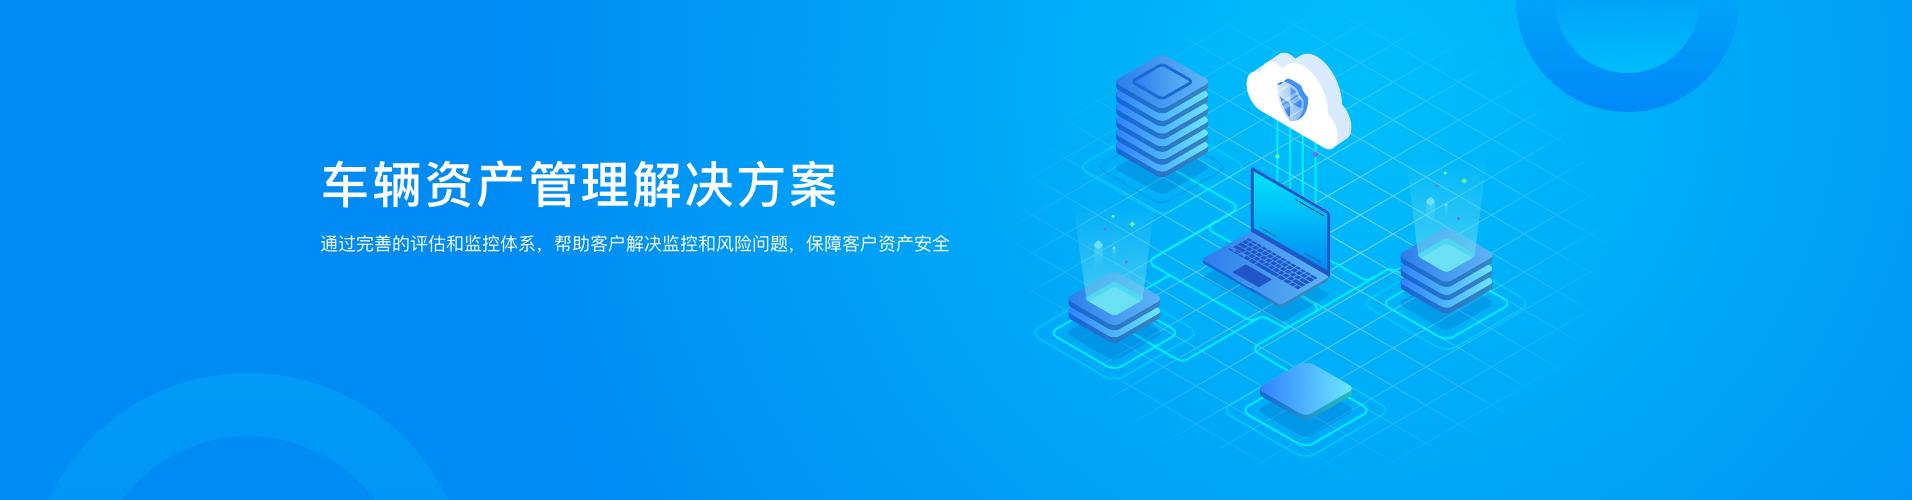 广联赛讯车辆资产管理解决方案